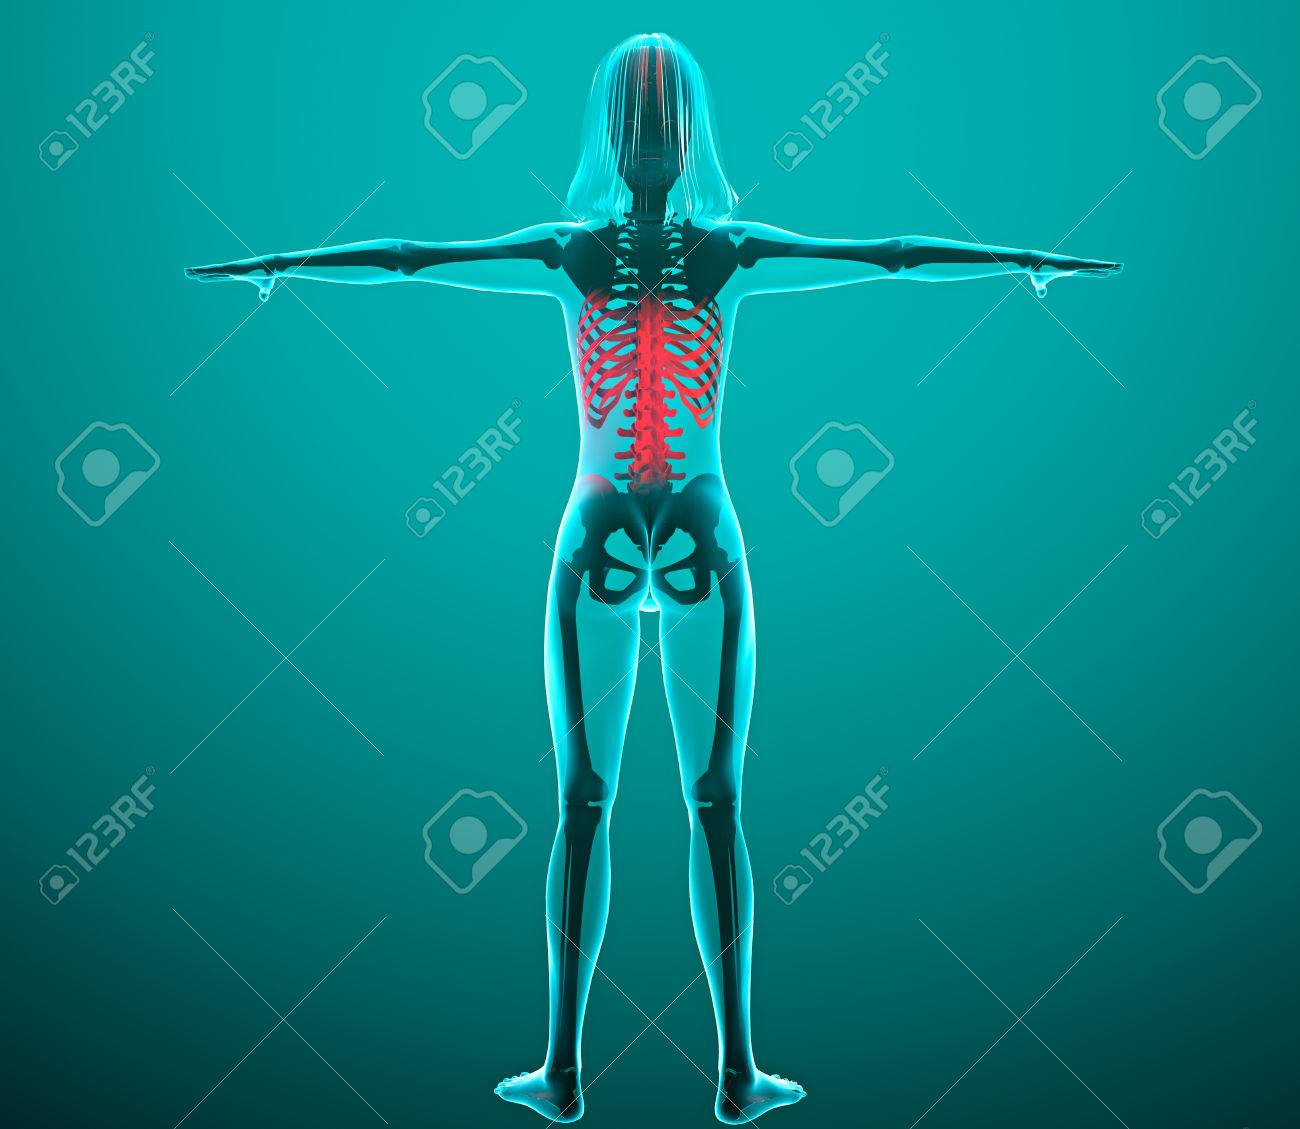 Menschen X-ray Mit Schmerzen In Der Wirbelsäule Und Rippen ...